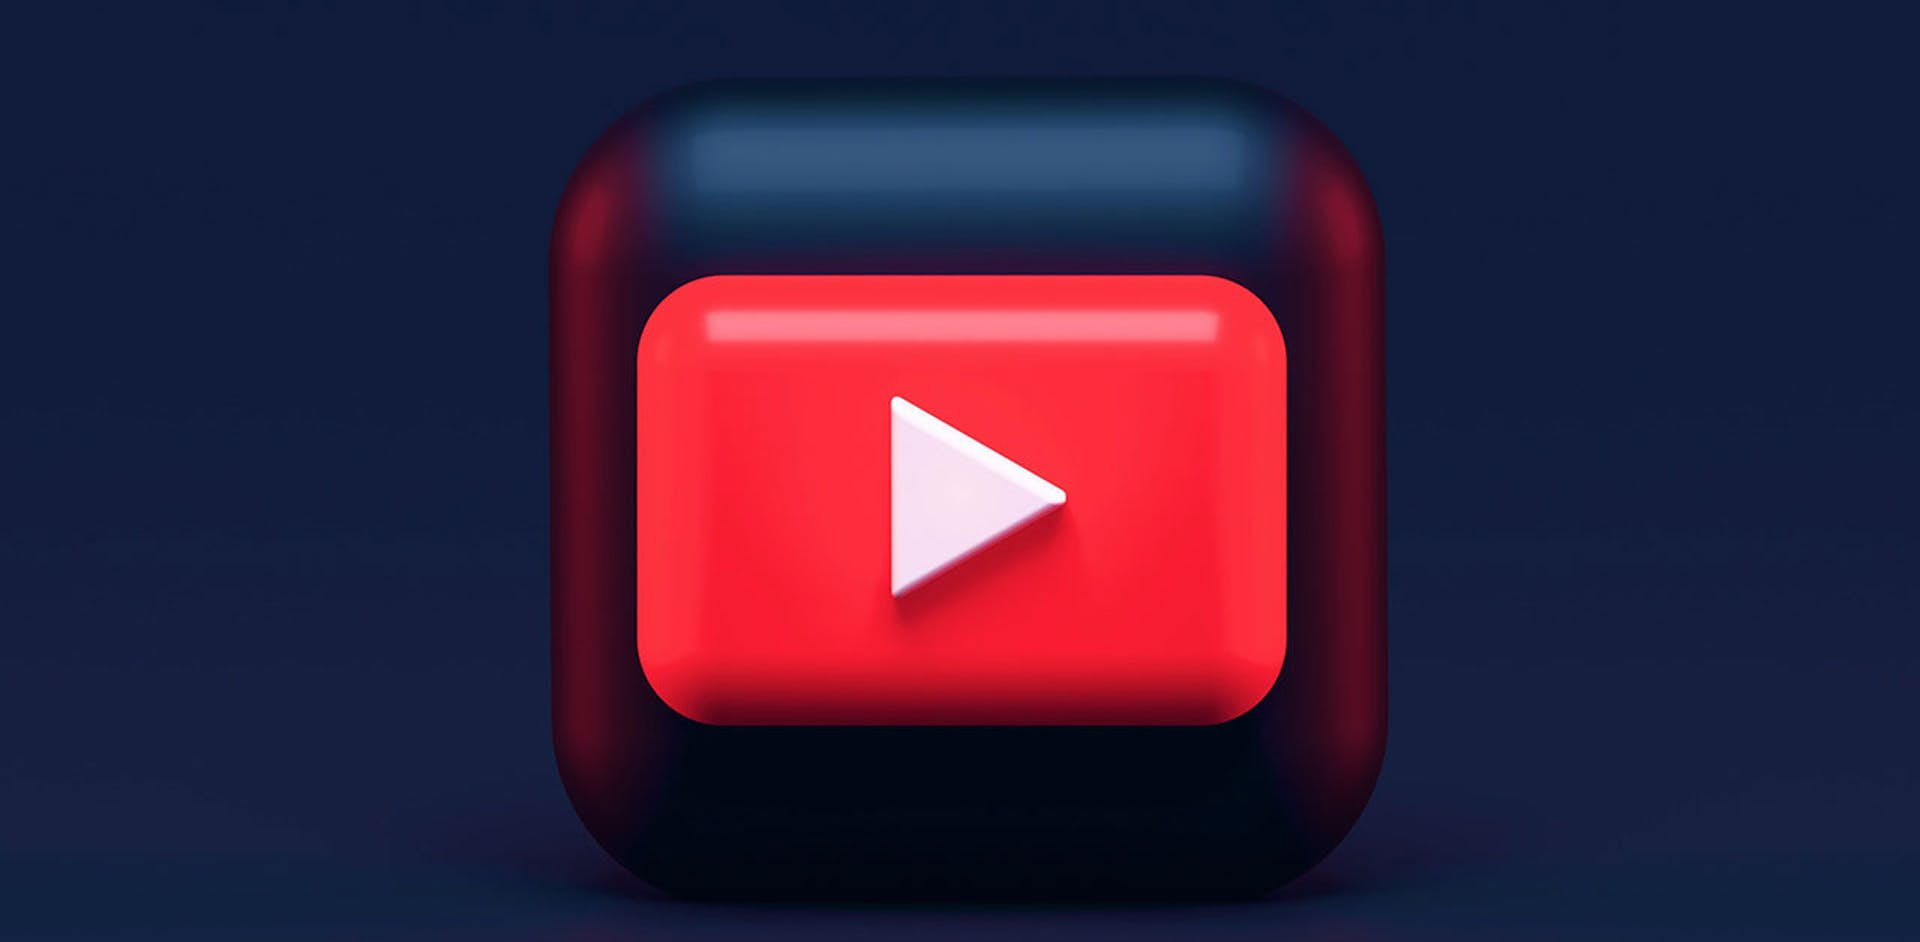 ¿Cómo verificar tu cuenta de YouTube? Haz que tu canal tenga éxito en simples pasos